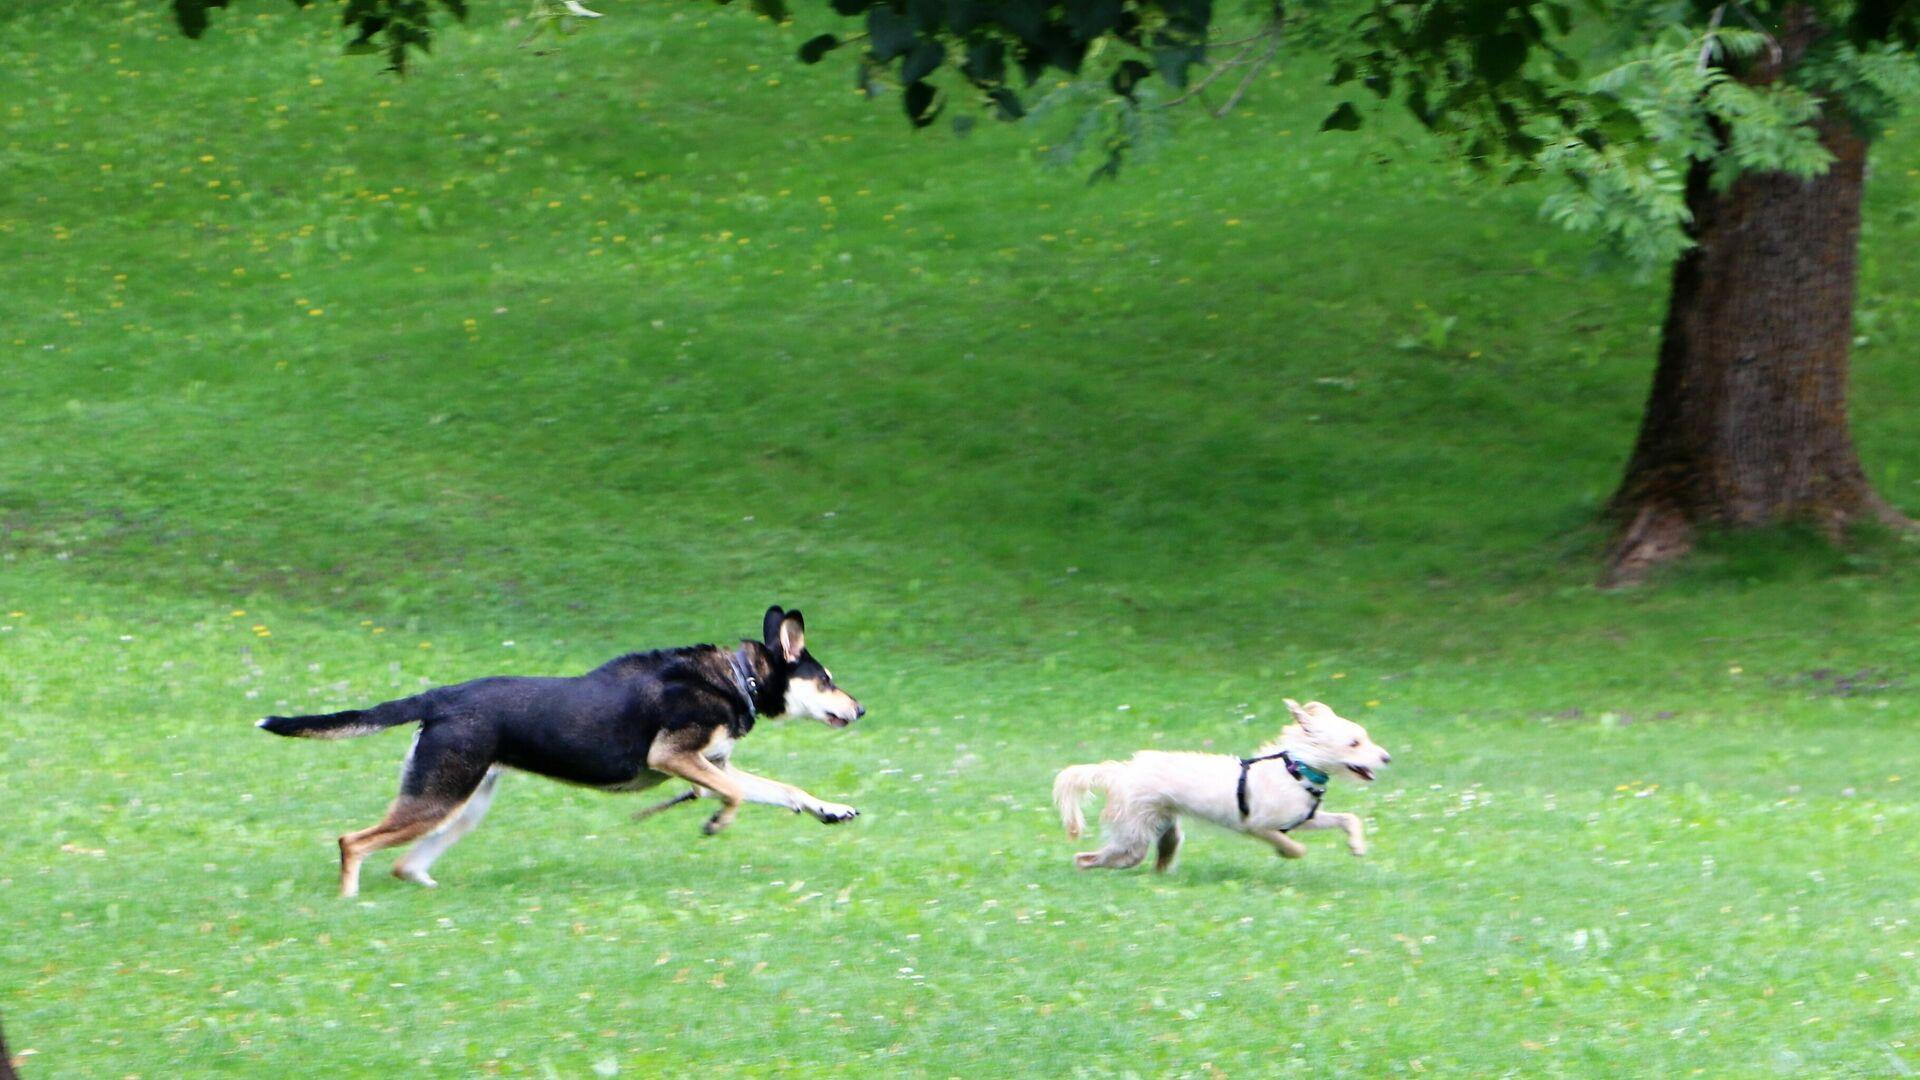 Un cane con un padrone fanno un giro in un parco in Italia - Sputnik Italia, 1920, 27.08.2021